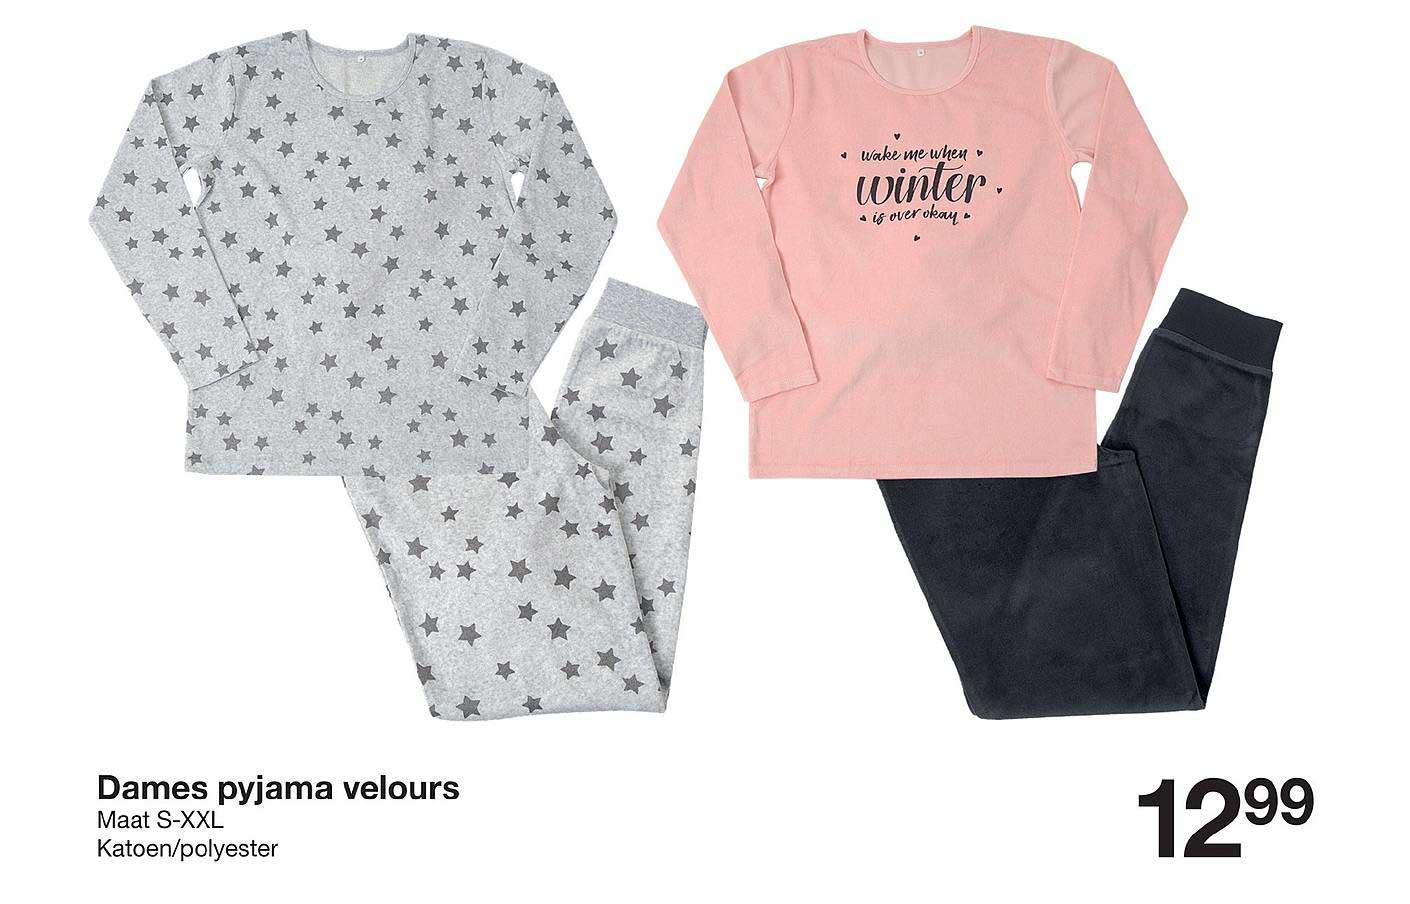 Zeeman Dames Pyjama Velours Maat S-xxl